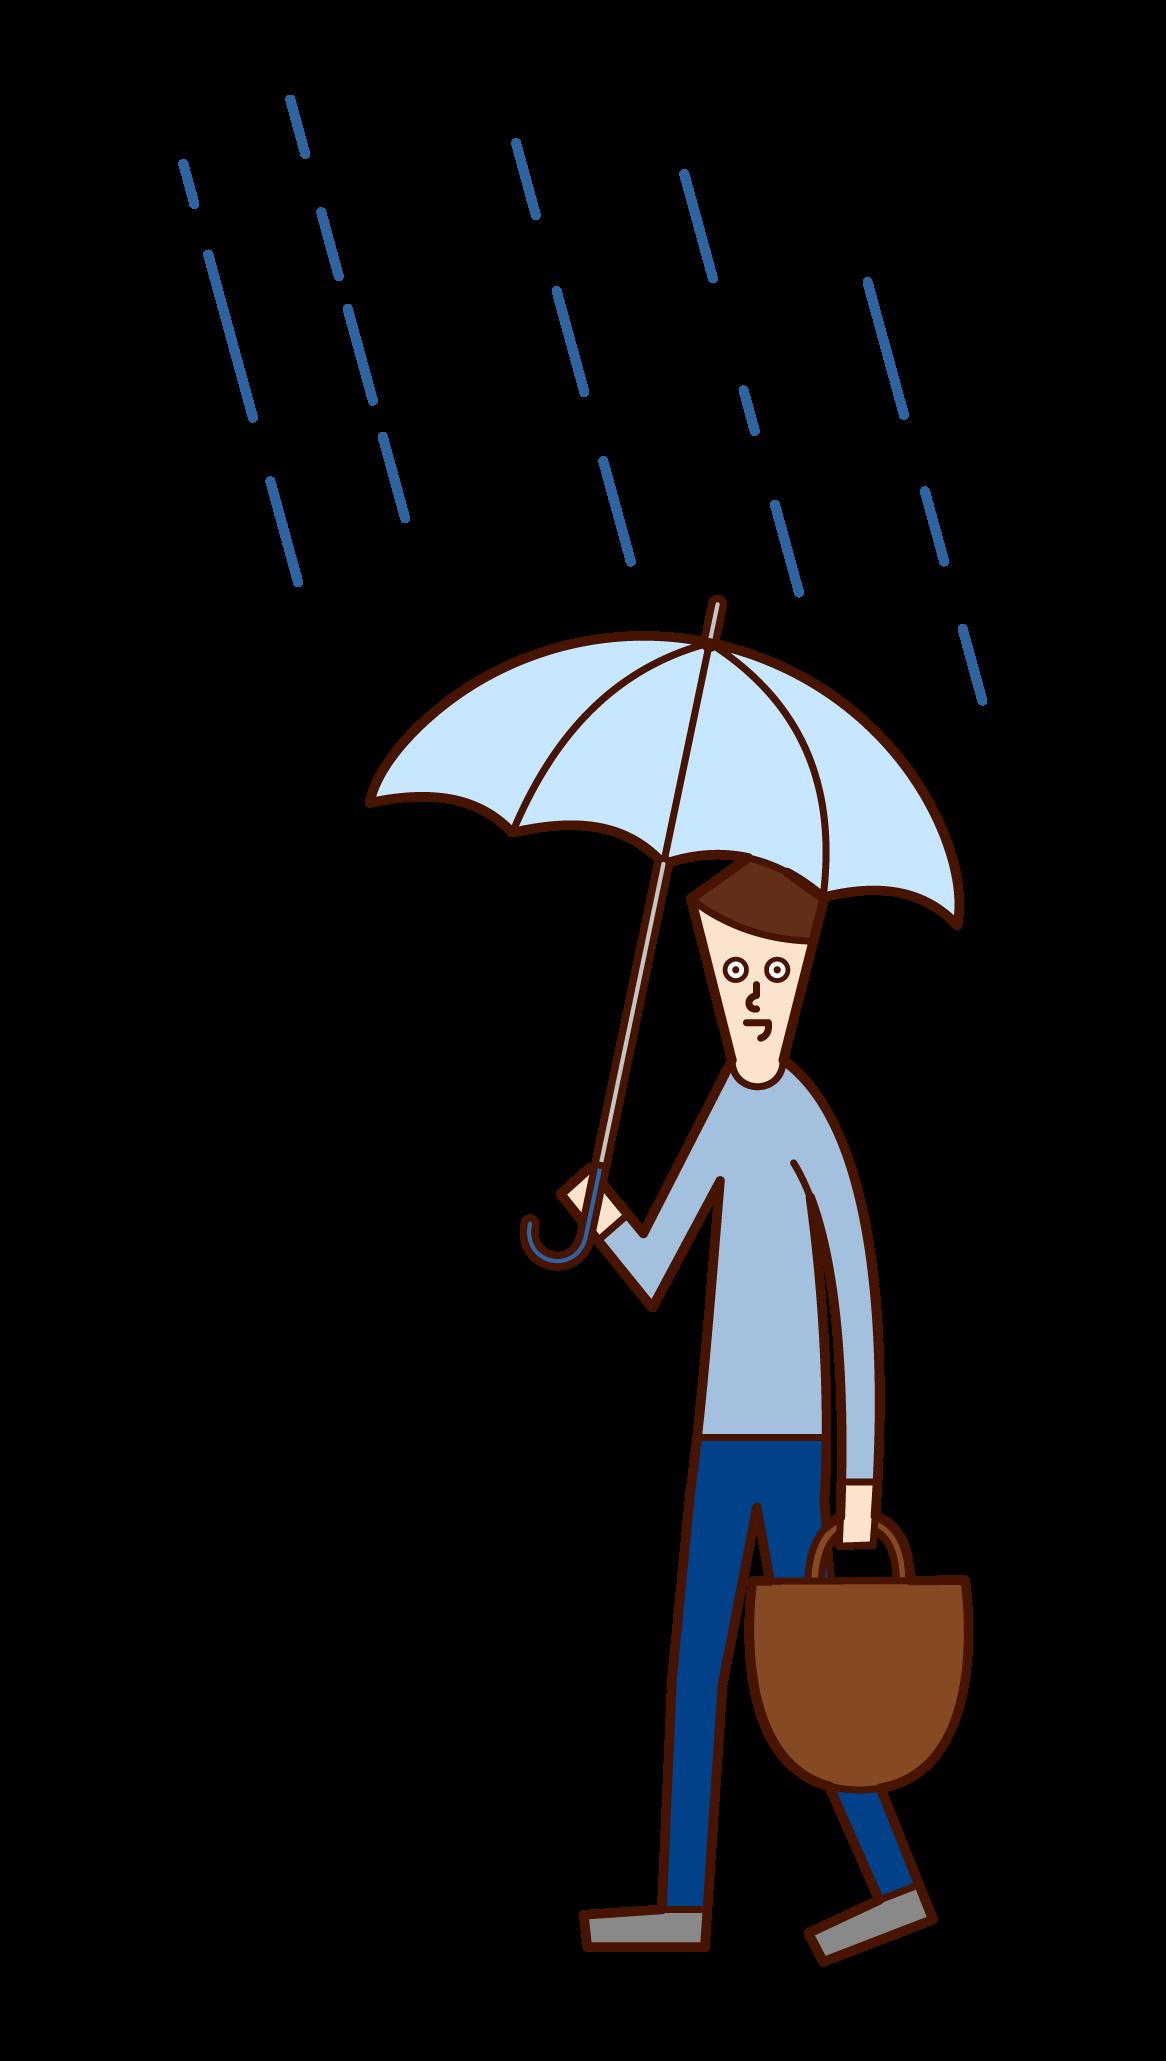 傘をさして歩く人(男性)のイラスト